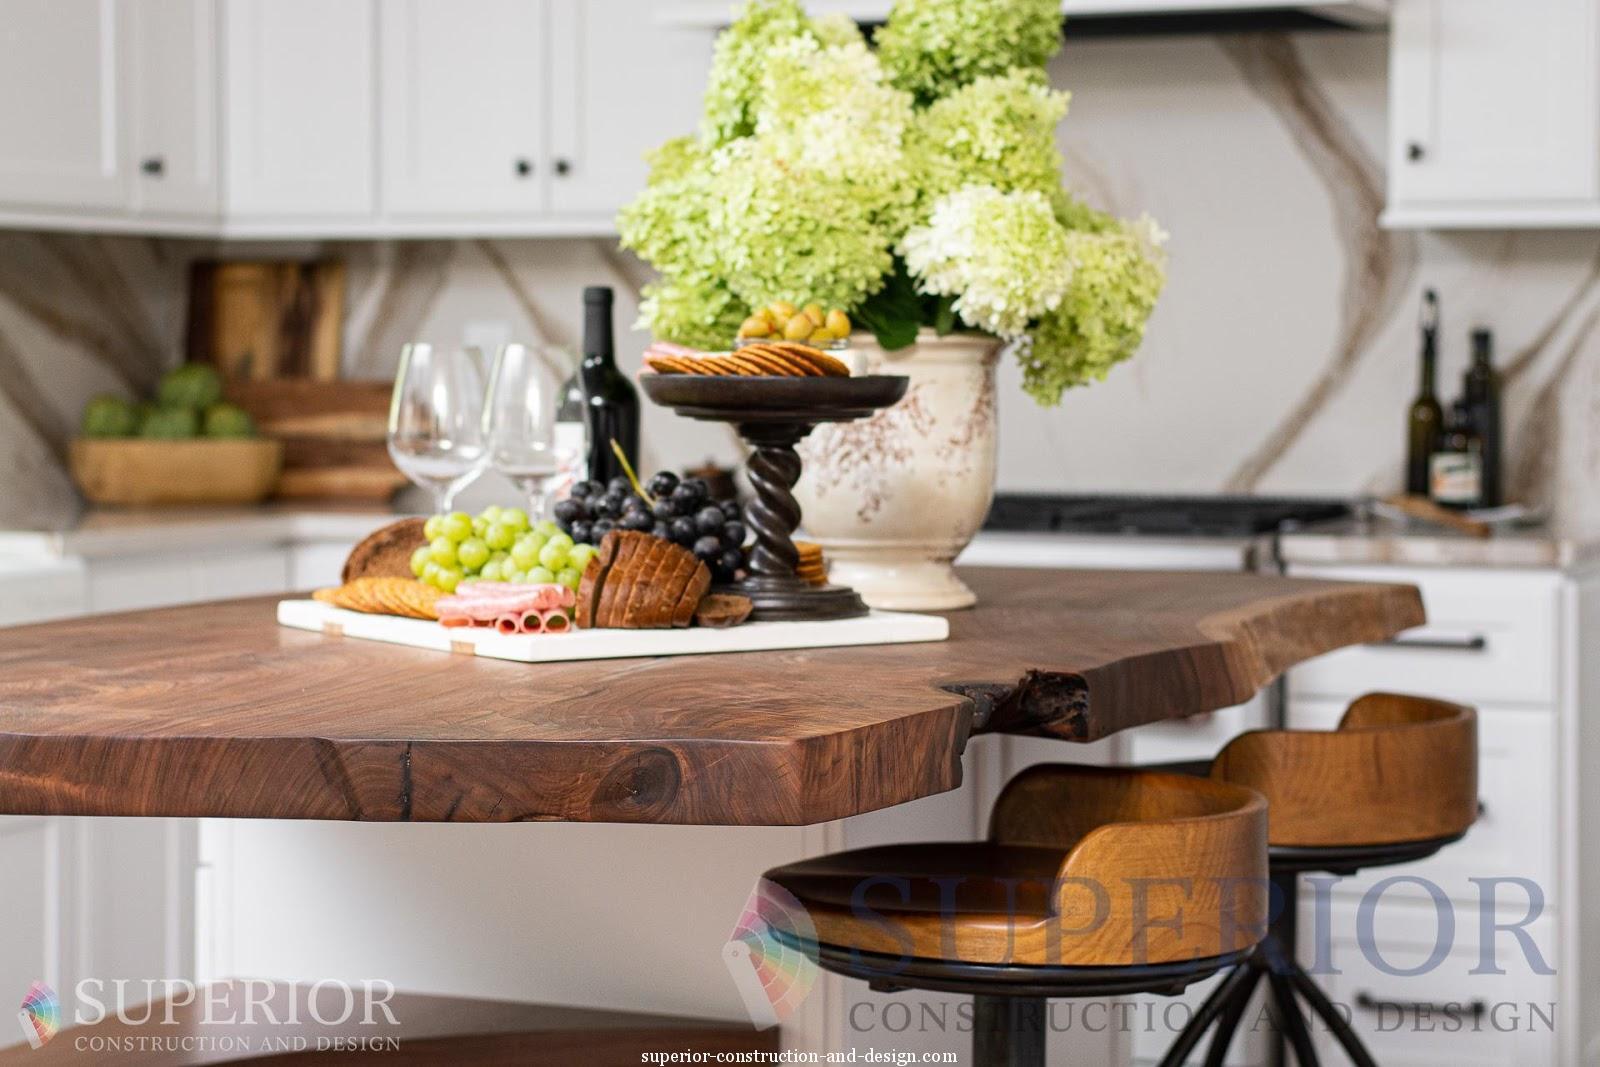 kitchen renovation budget live edge walnut countertop bar stools cambria quartz